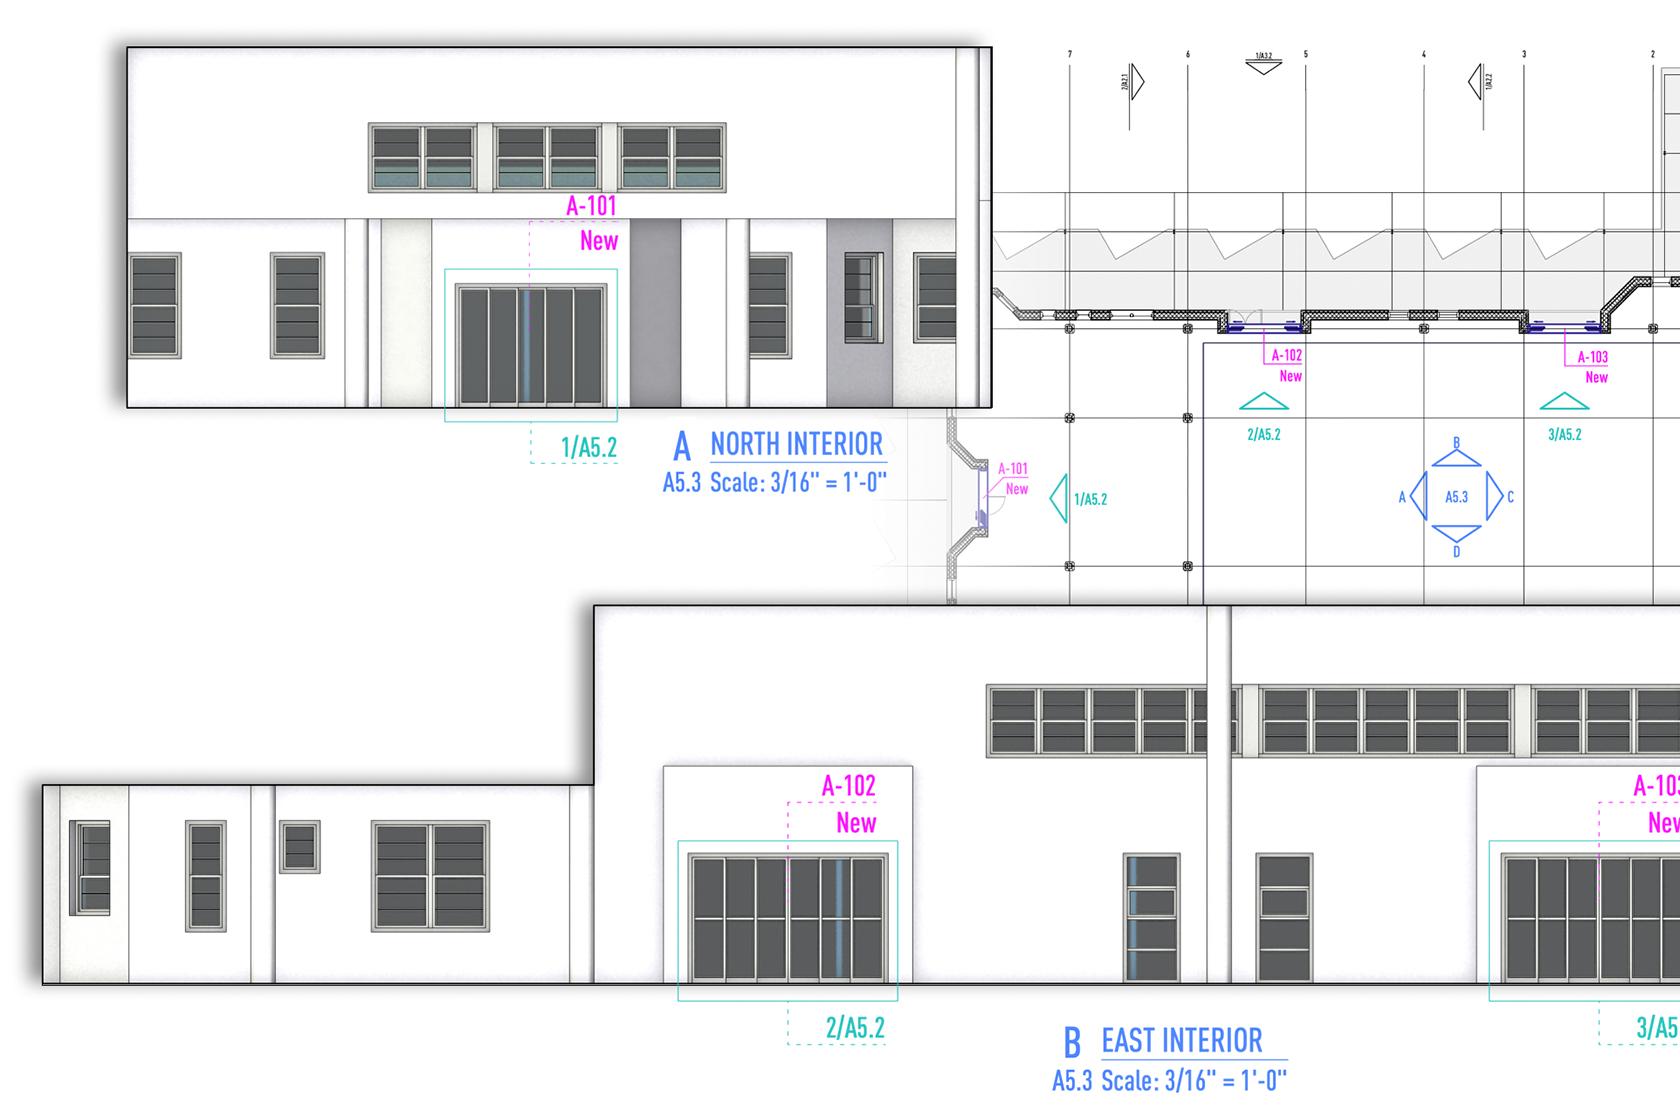 2105-june-bldg-webinar-rise-cover-image-1680x1120